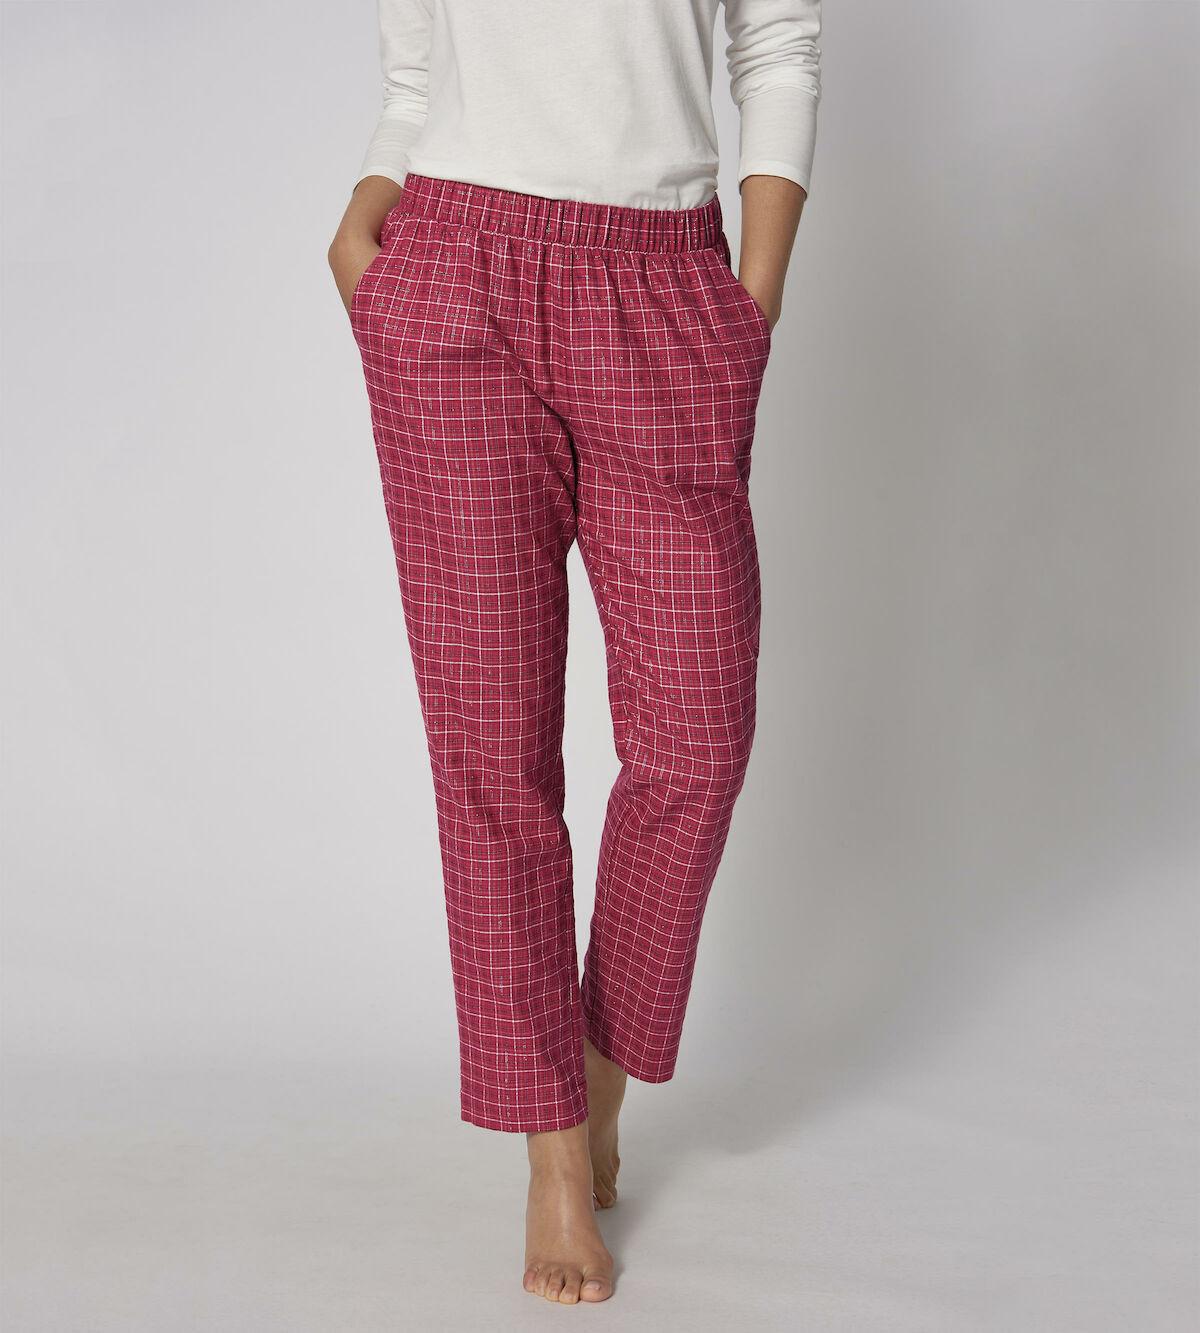 Dámske pyžamové nohavice Mix & Match Tapered Trouser Flannel - Triumph 2370 036